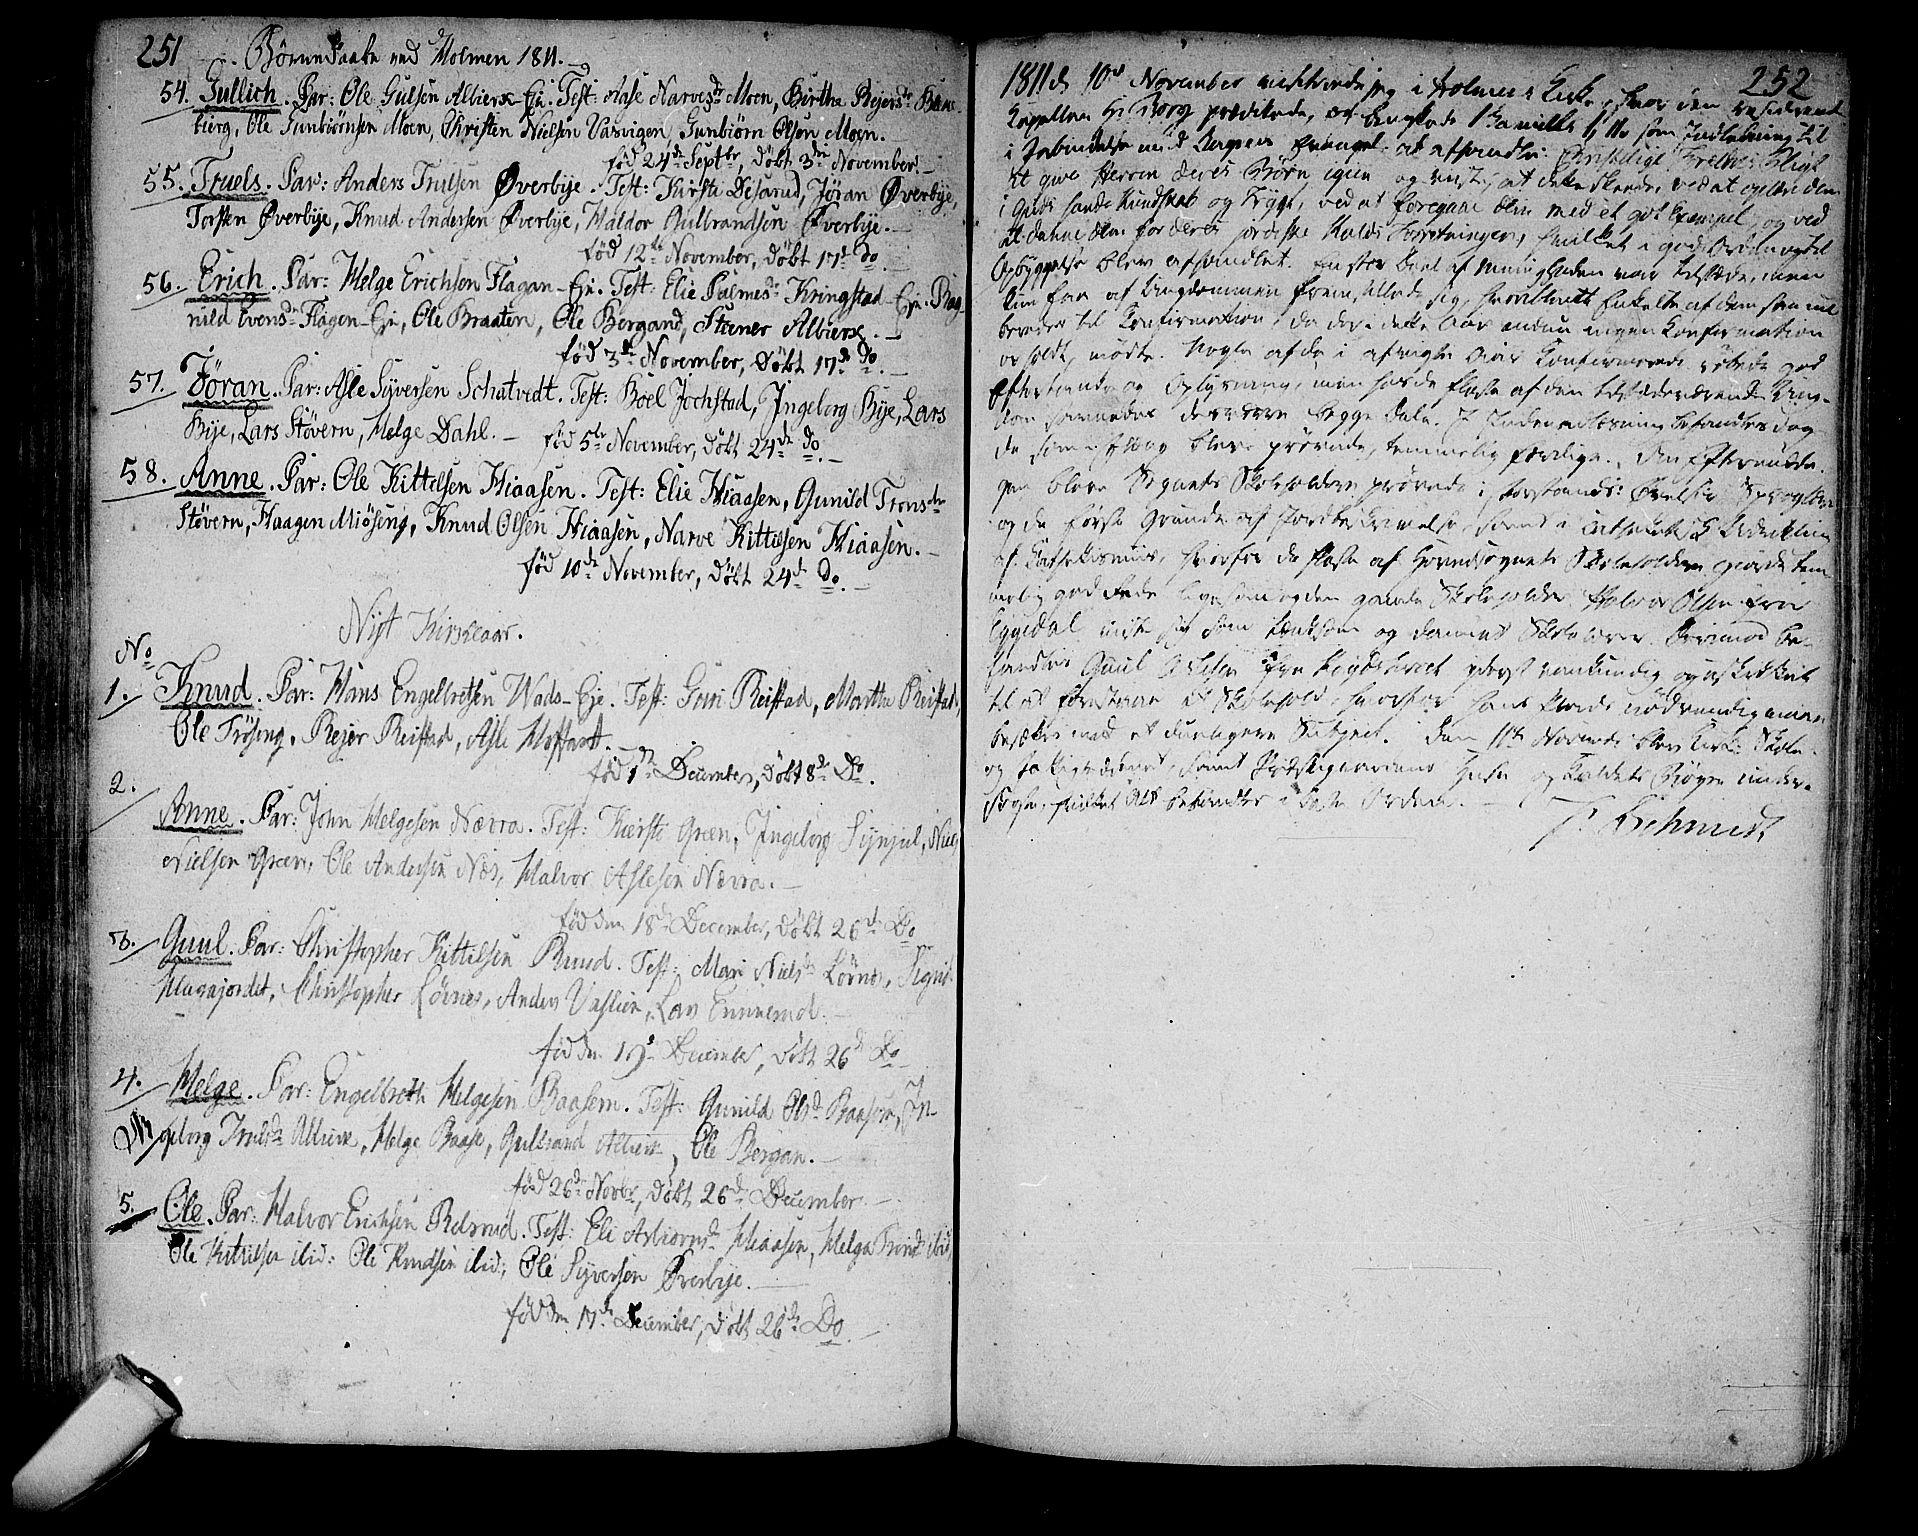 SAKO, Sigdal kirkebøker, F/Fa/L0003: Ministerialbok nr. I 3, 1793-1811, s. 251-252